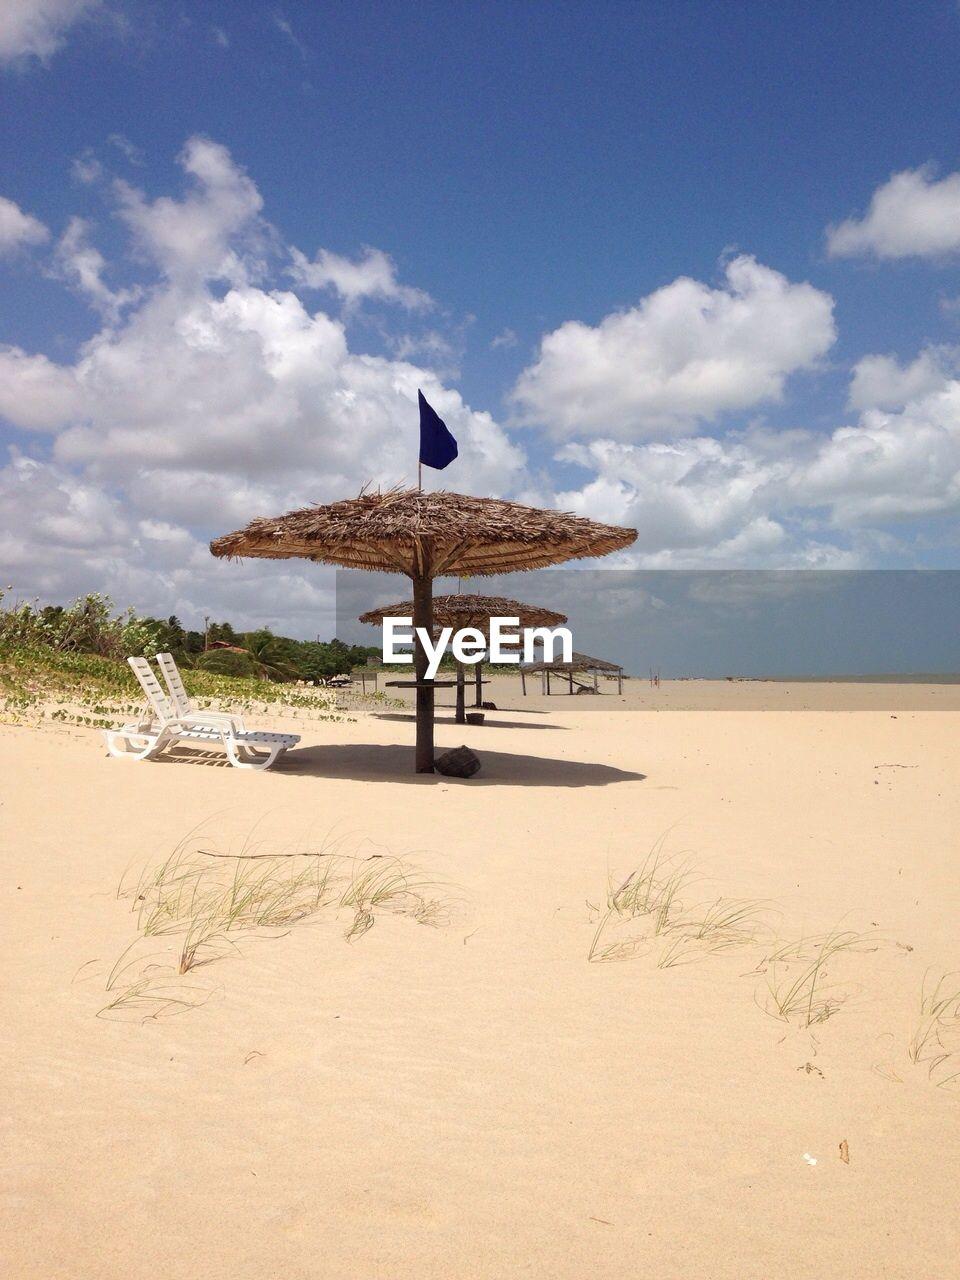 Sunshades on sandy beach